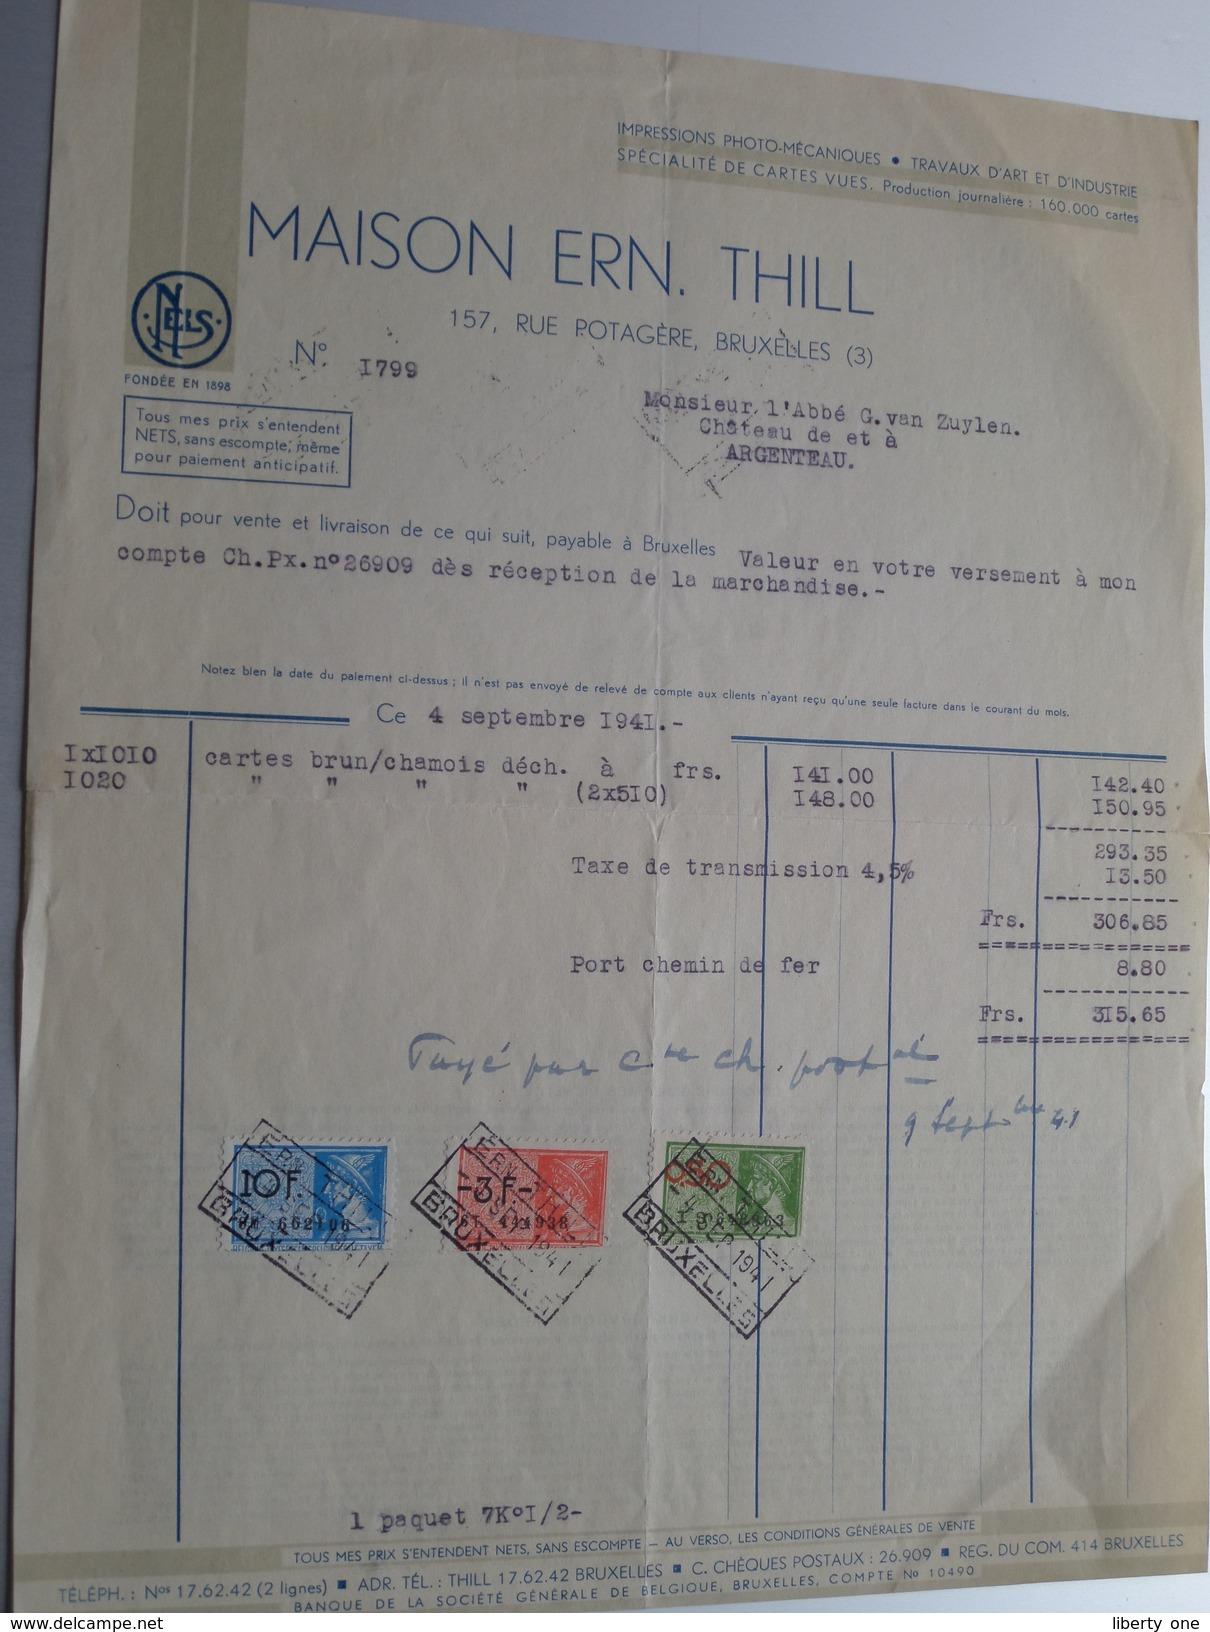 Maison ERN. THILL Spécialité De Cartes Vues / Postkaarten ( Nels ) > Abbé G. Van Zuylen Château ARGENTEAU - 1941 ! - Printing & Stationeries